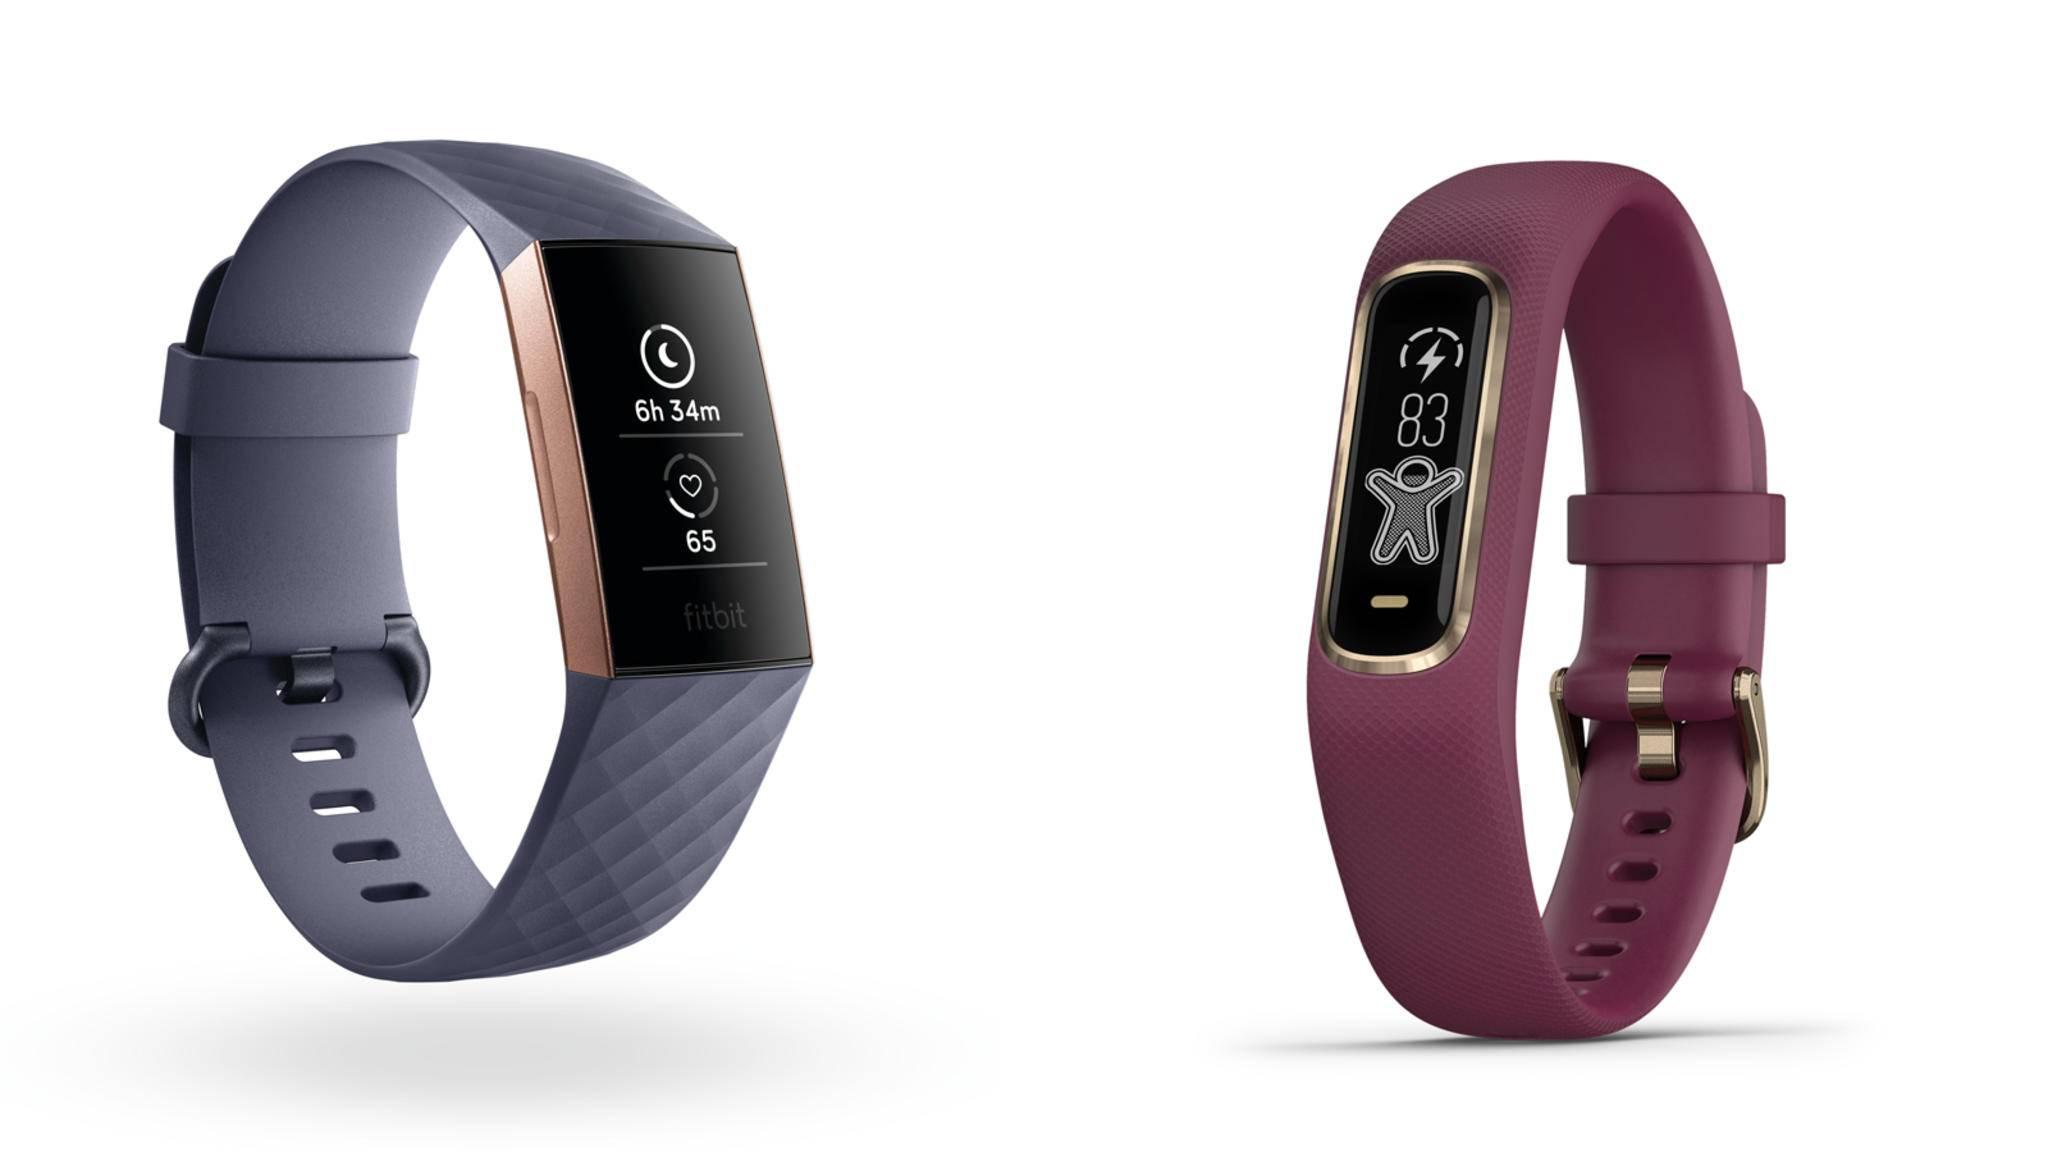 Fitbit oder Garmin? Unser Vergleich stellt Fitbit Charge 3 und Garmin Vivosmart 4 einander gegenüber.